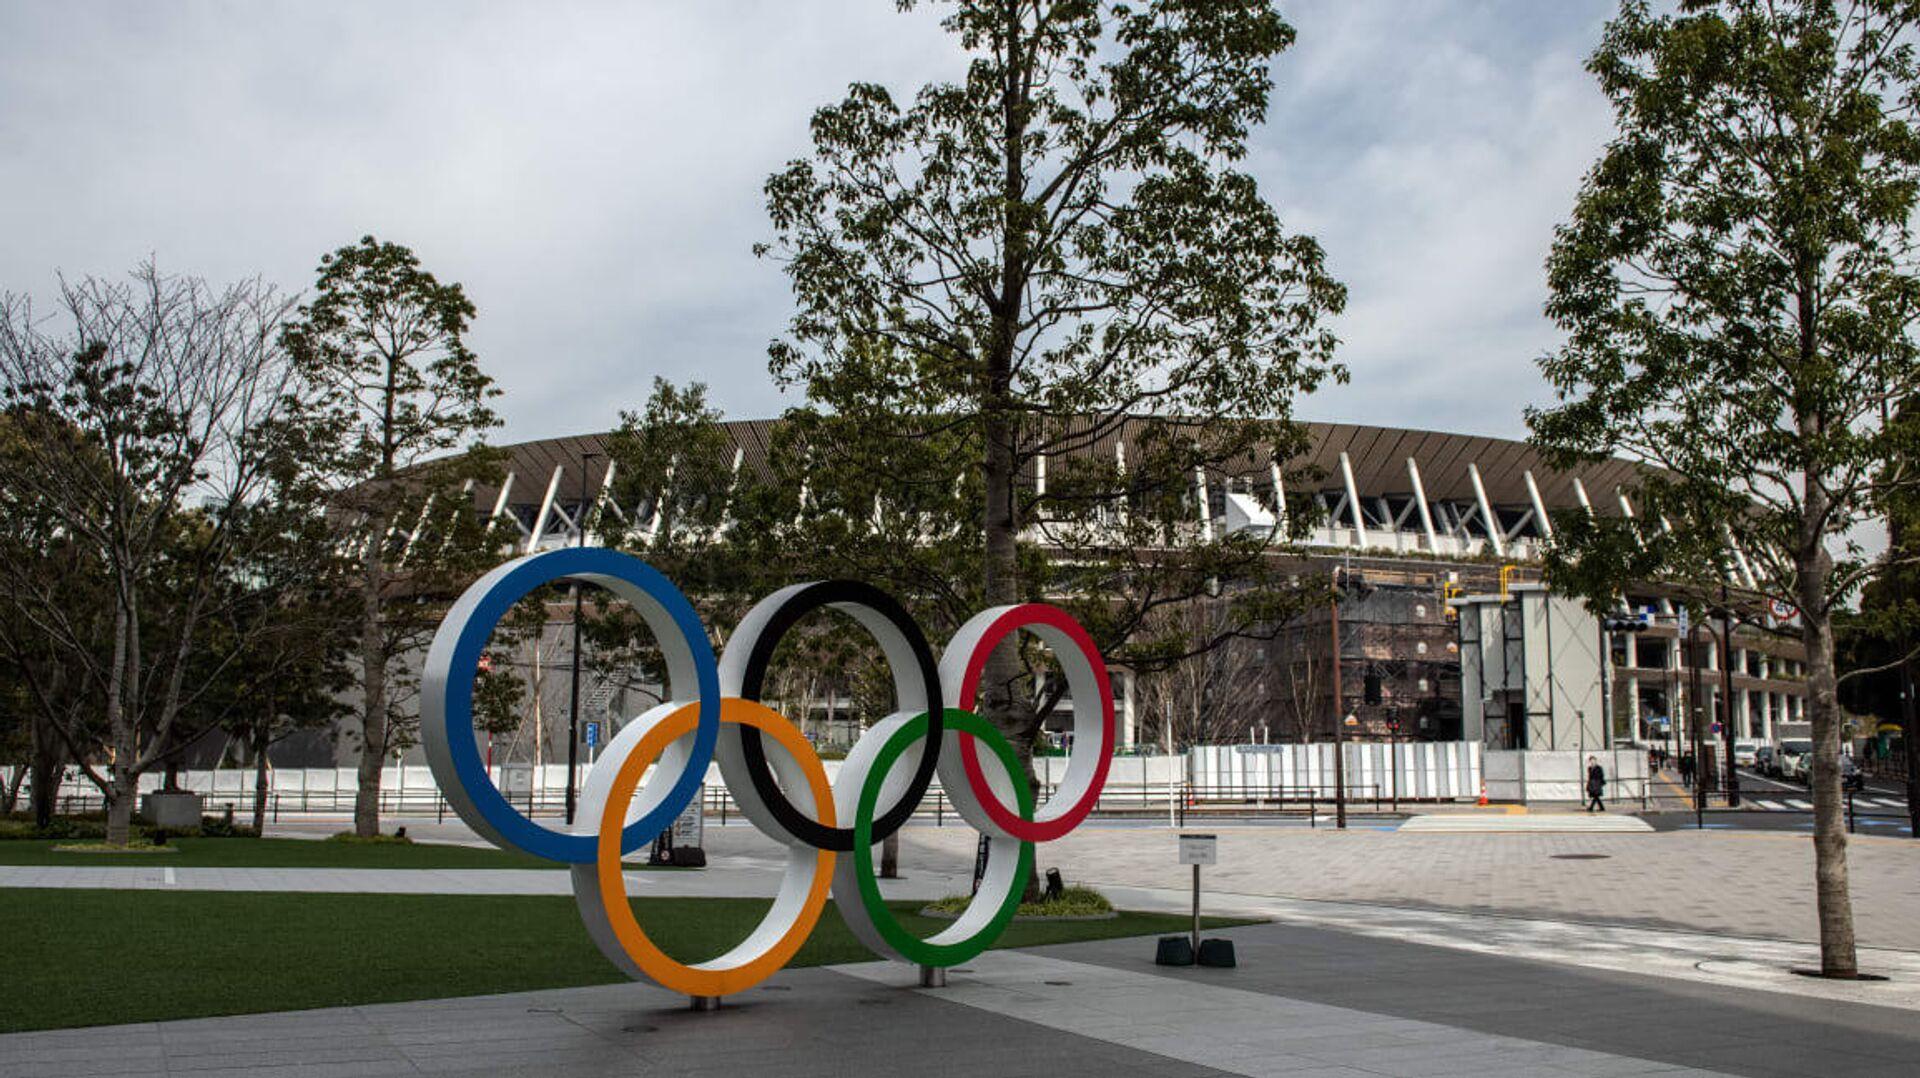 Олимпийские кольца у арены в Токио - РИА Новости, 1920, 18.01.2021